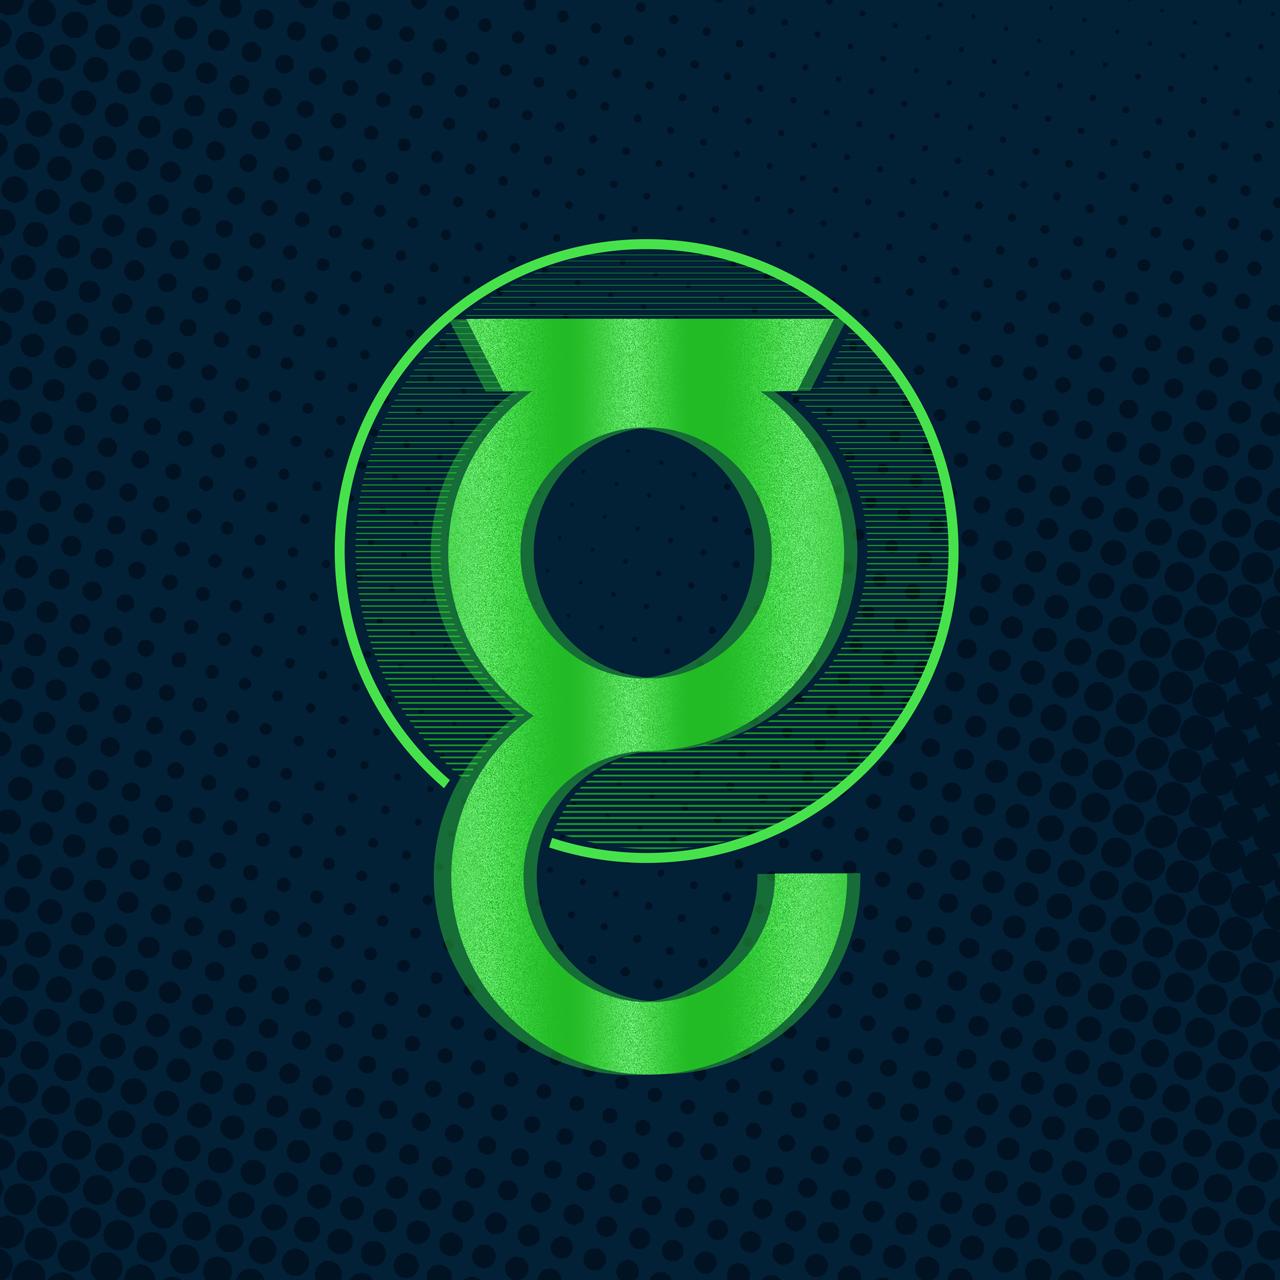 G-green-lantern.png